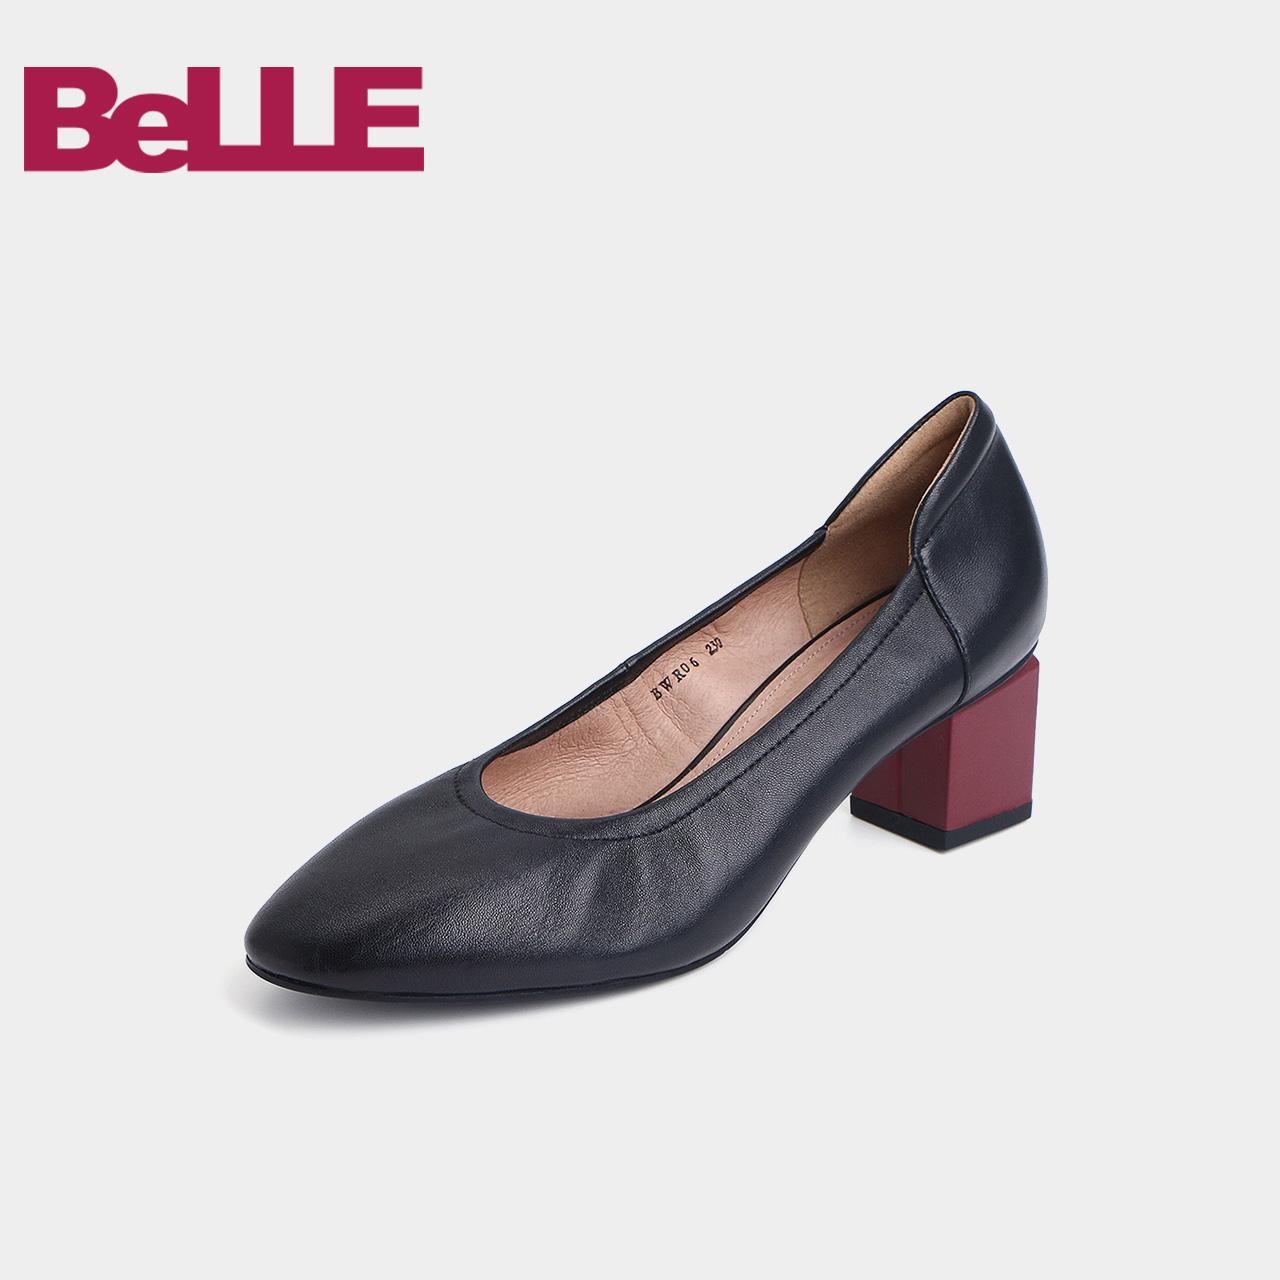 百丽奶奶鞋女2018秋商场同款粗跟浅口复古女单鞋BWR06CQ8